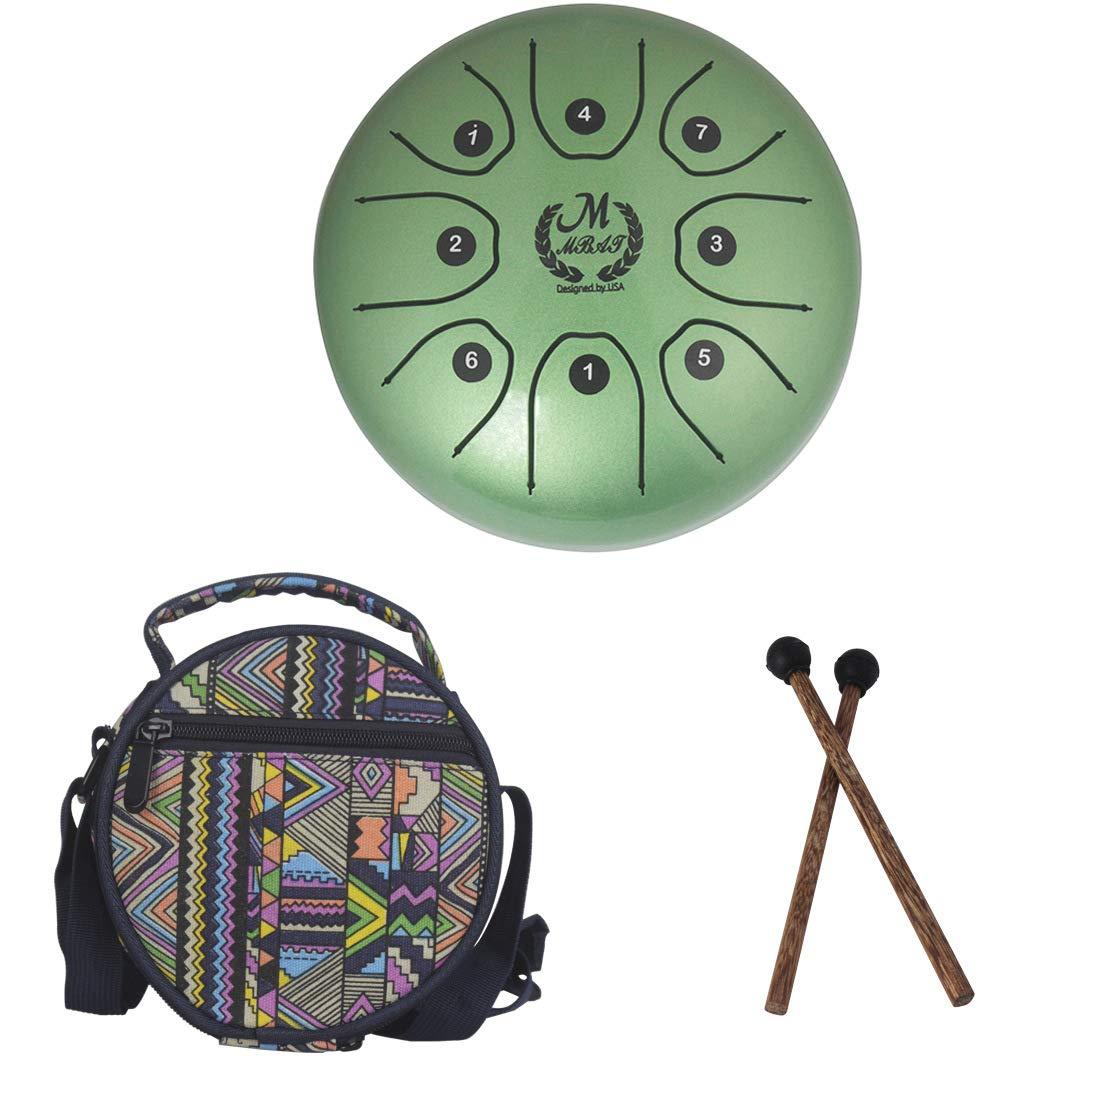 Tambour acier 5,5 pouces mini 8 tons T-C Instrument de percussion à percussion Main tambour avec baguettes de tambour Sac de transport Facile à jouer, instrument de musique, musicothérapie,Green